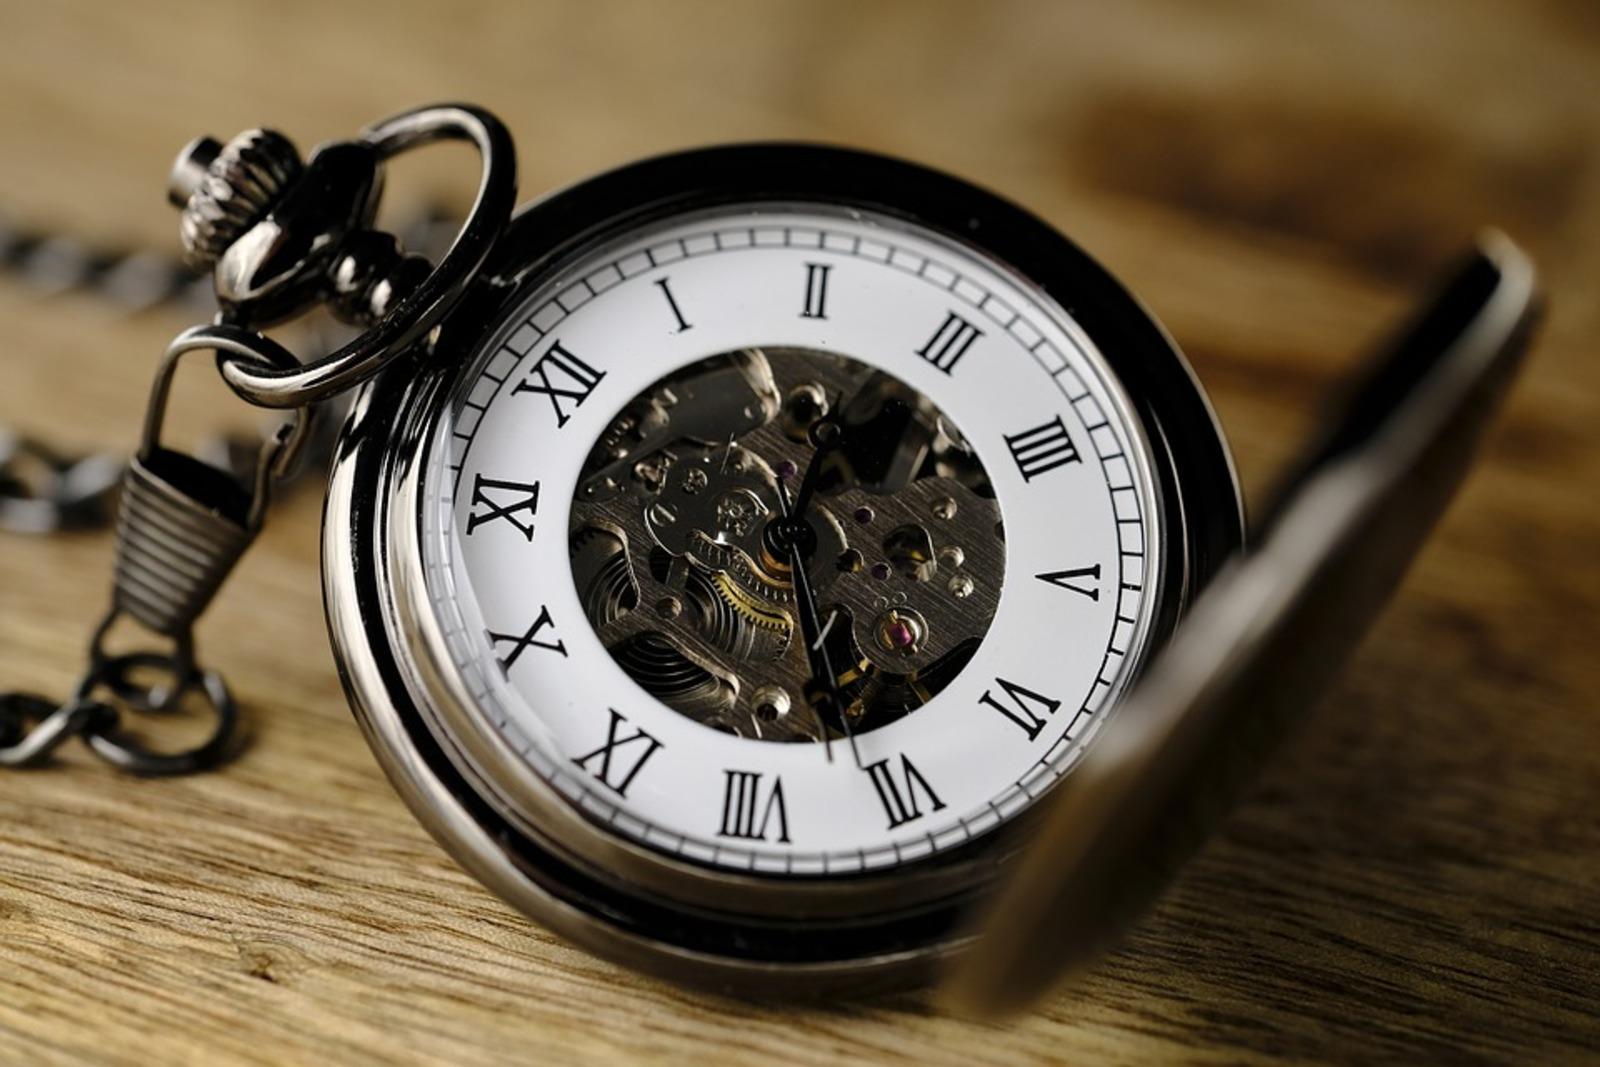 0d7b2118 Дорогостоящие часы фирмы Rolex забыл в воскресенье, 9 декабря, в одном из  столичных ресторанов KFC студент второго курса Московского государственного  ...